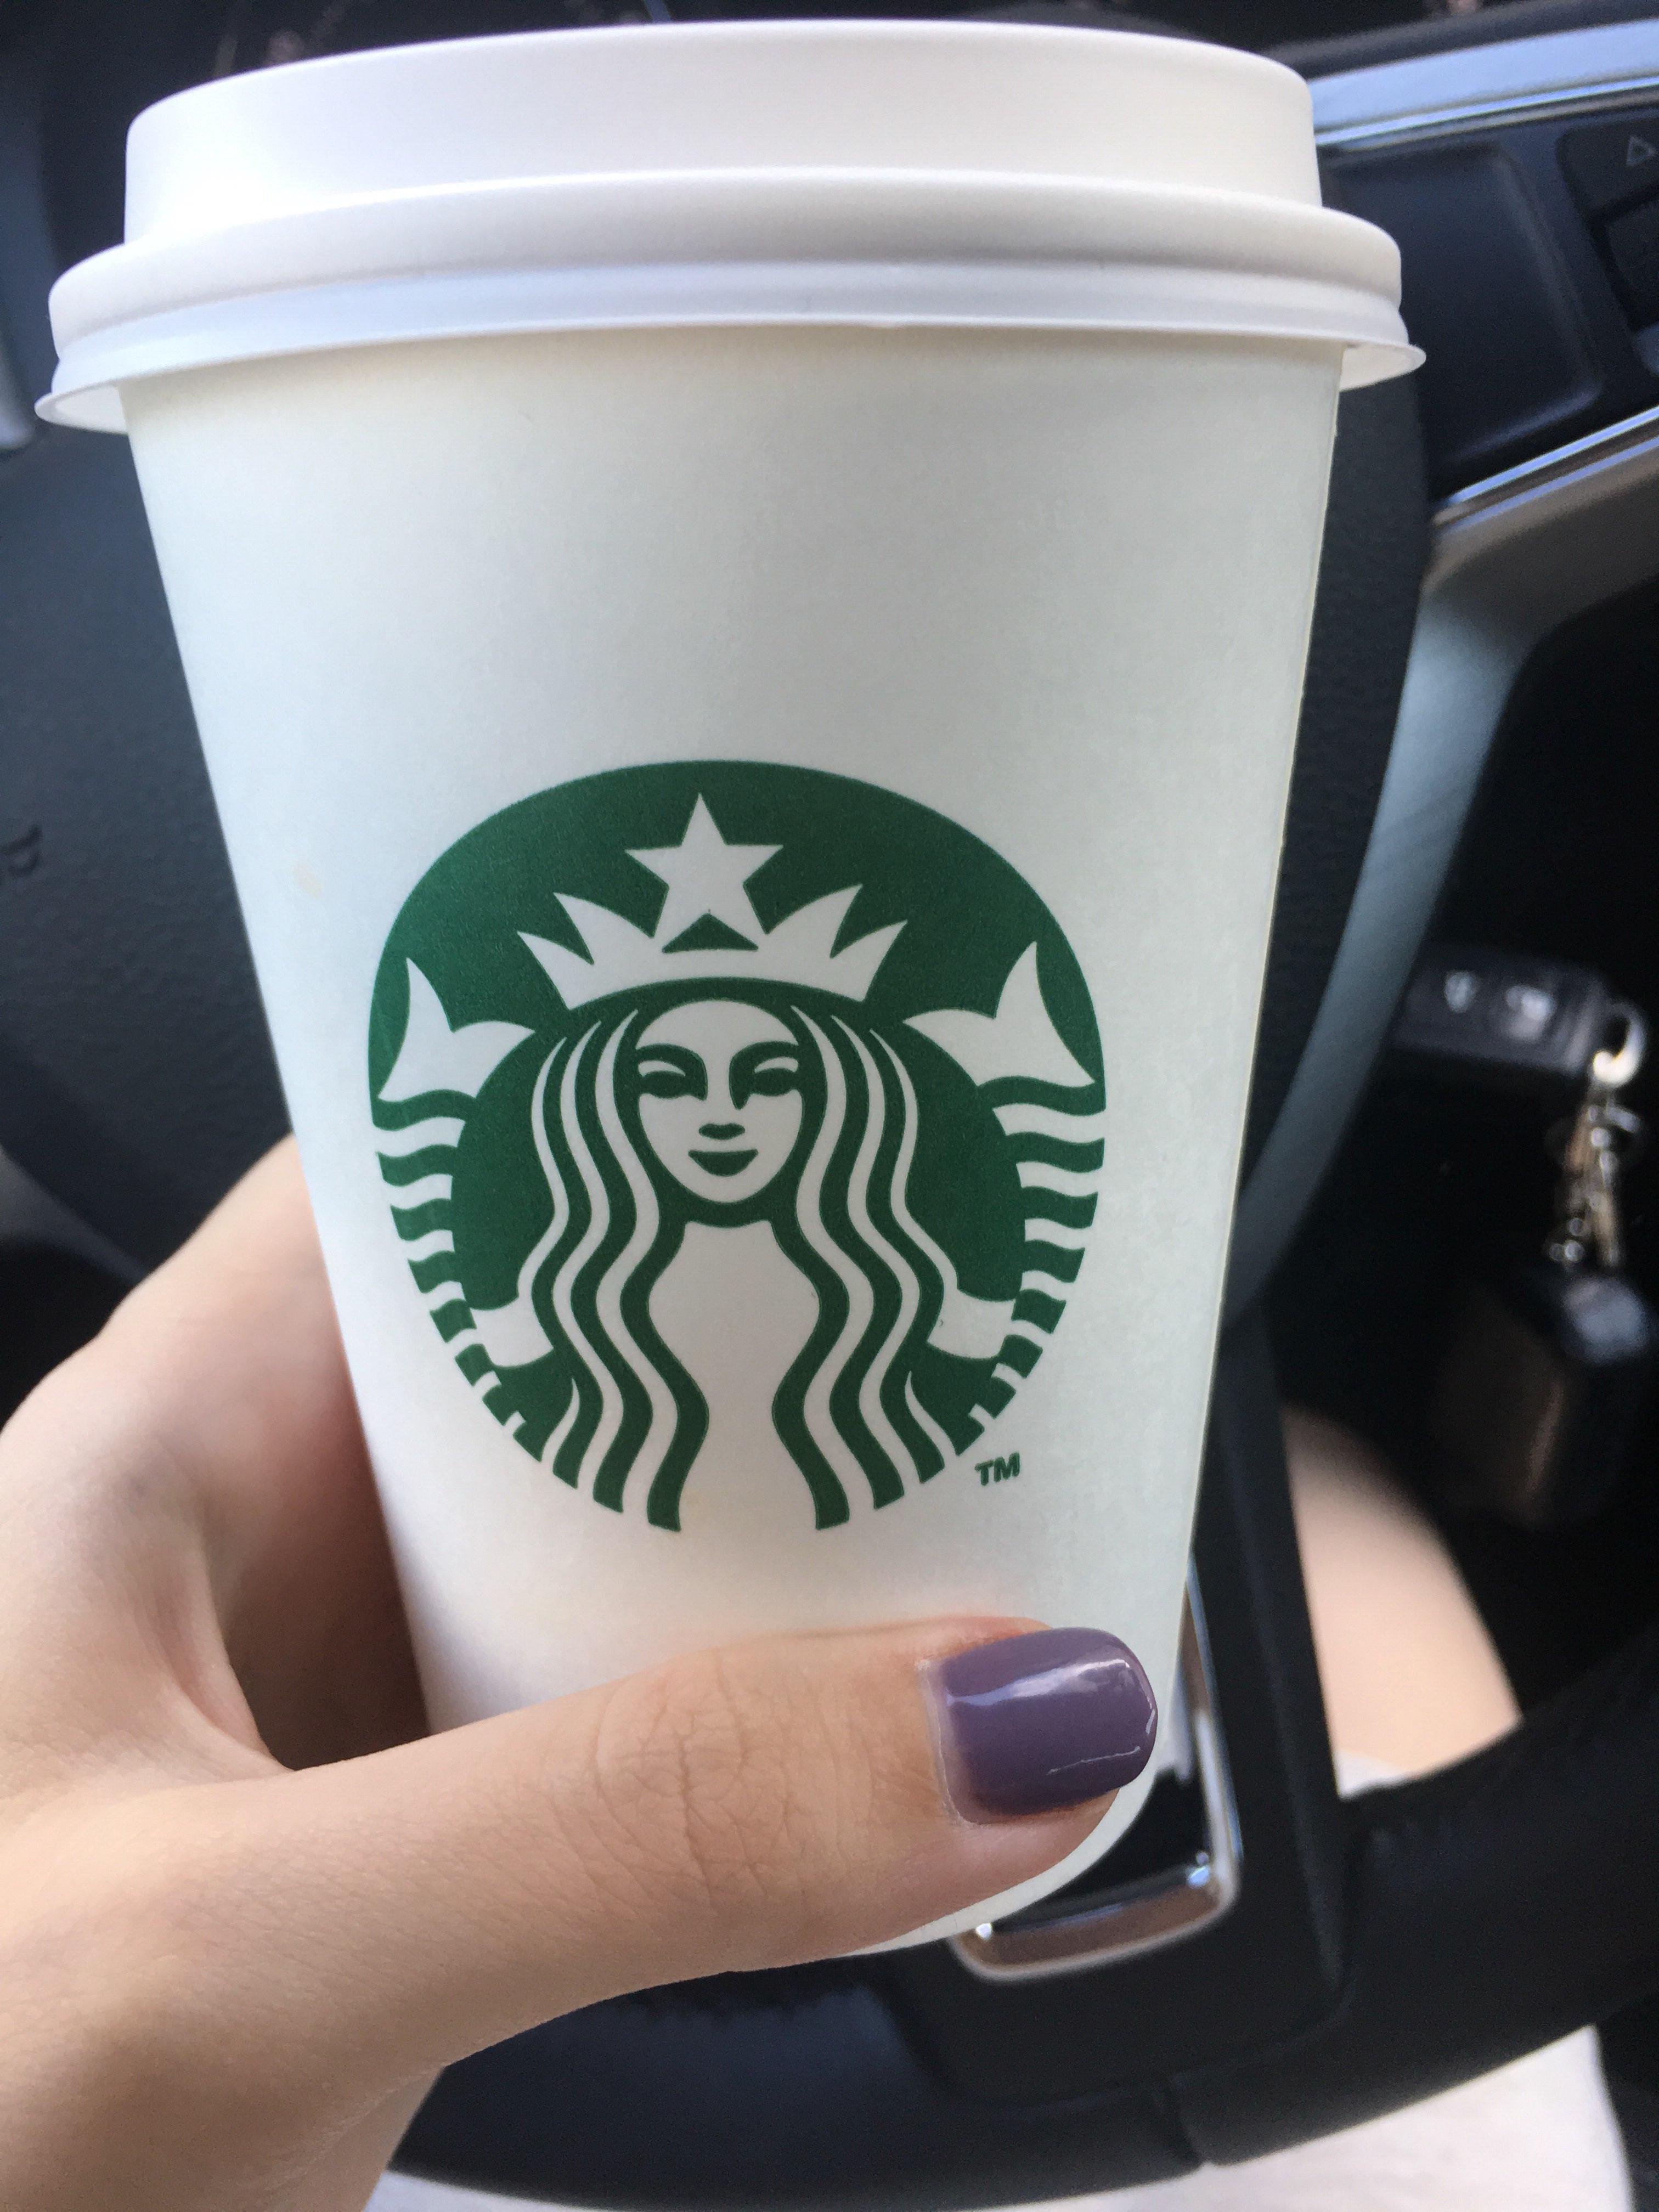 фото кофе старбакс в женских руках в машине его